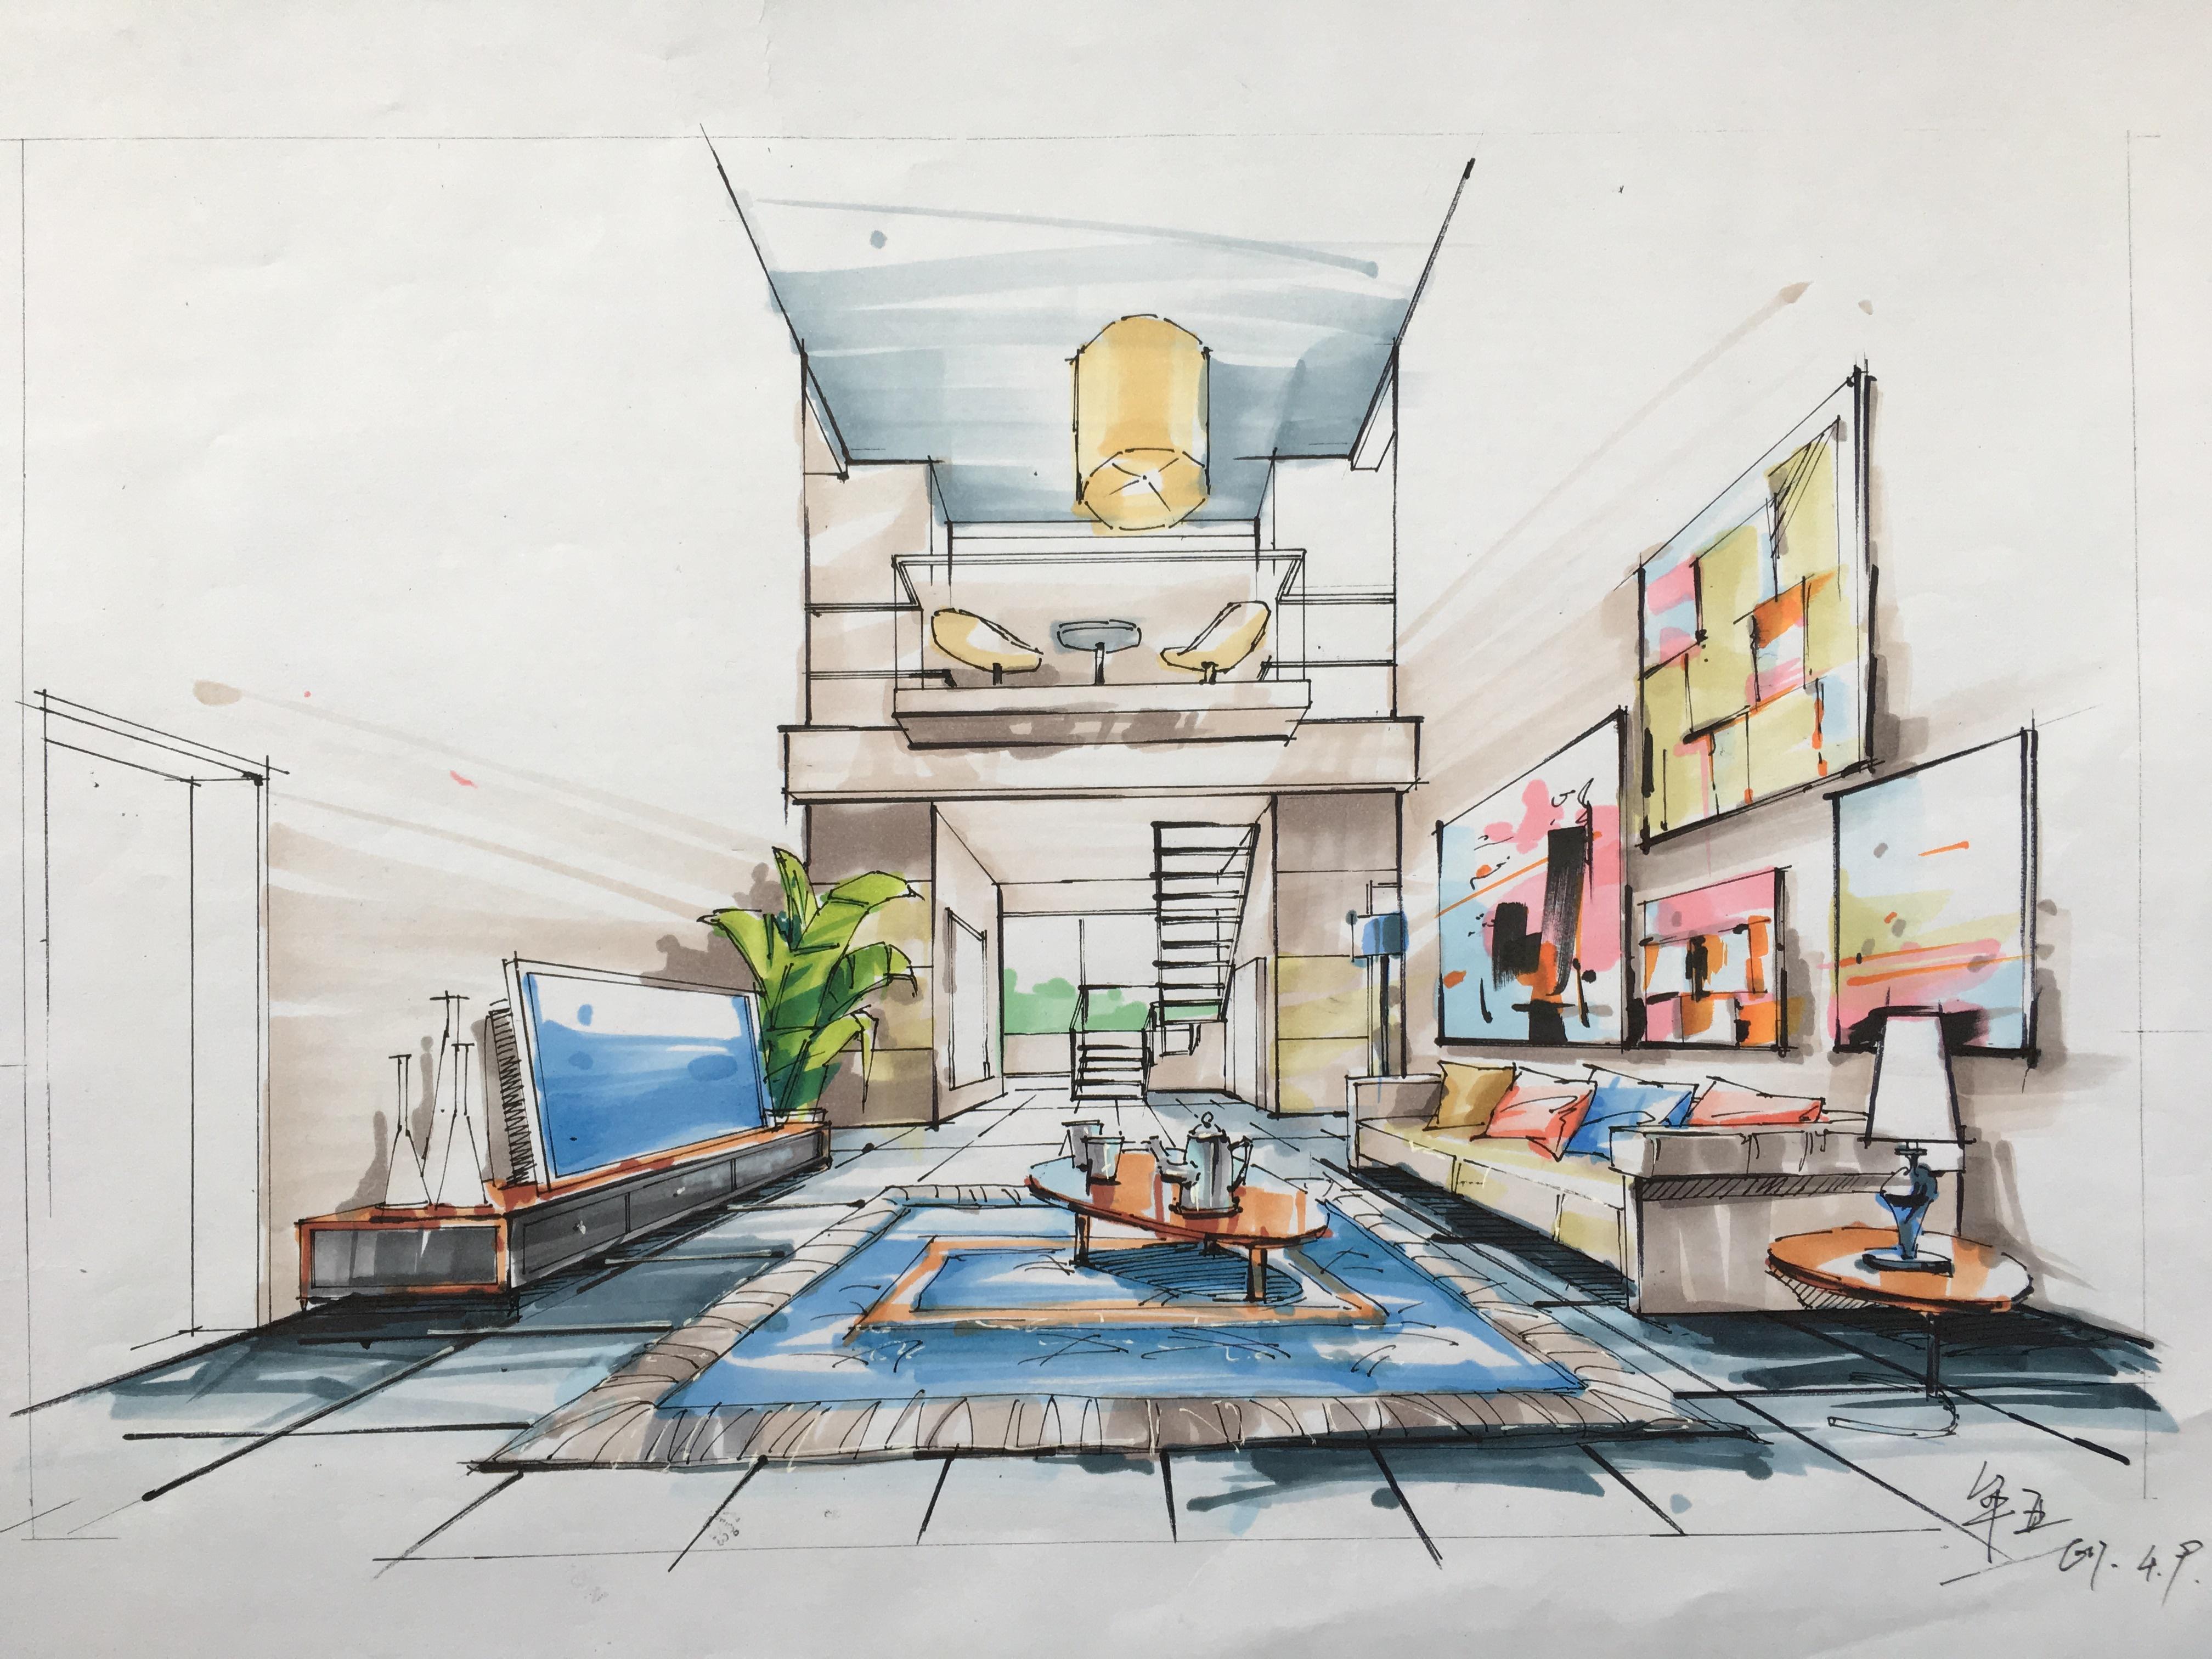 学生作品-马克笔室内效果图表现|空间|室内设计|purz